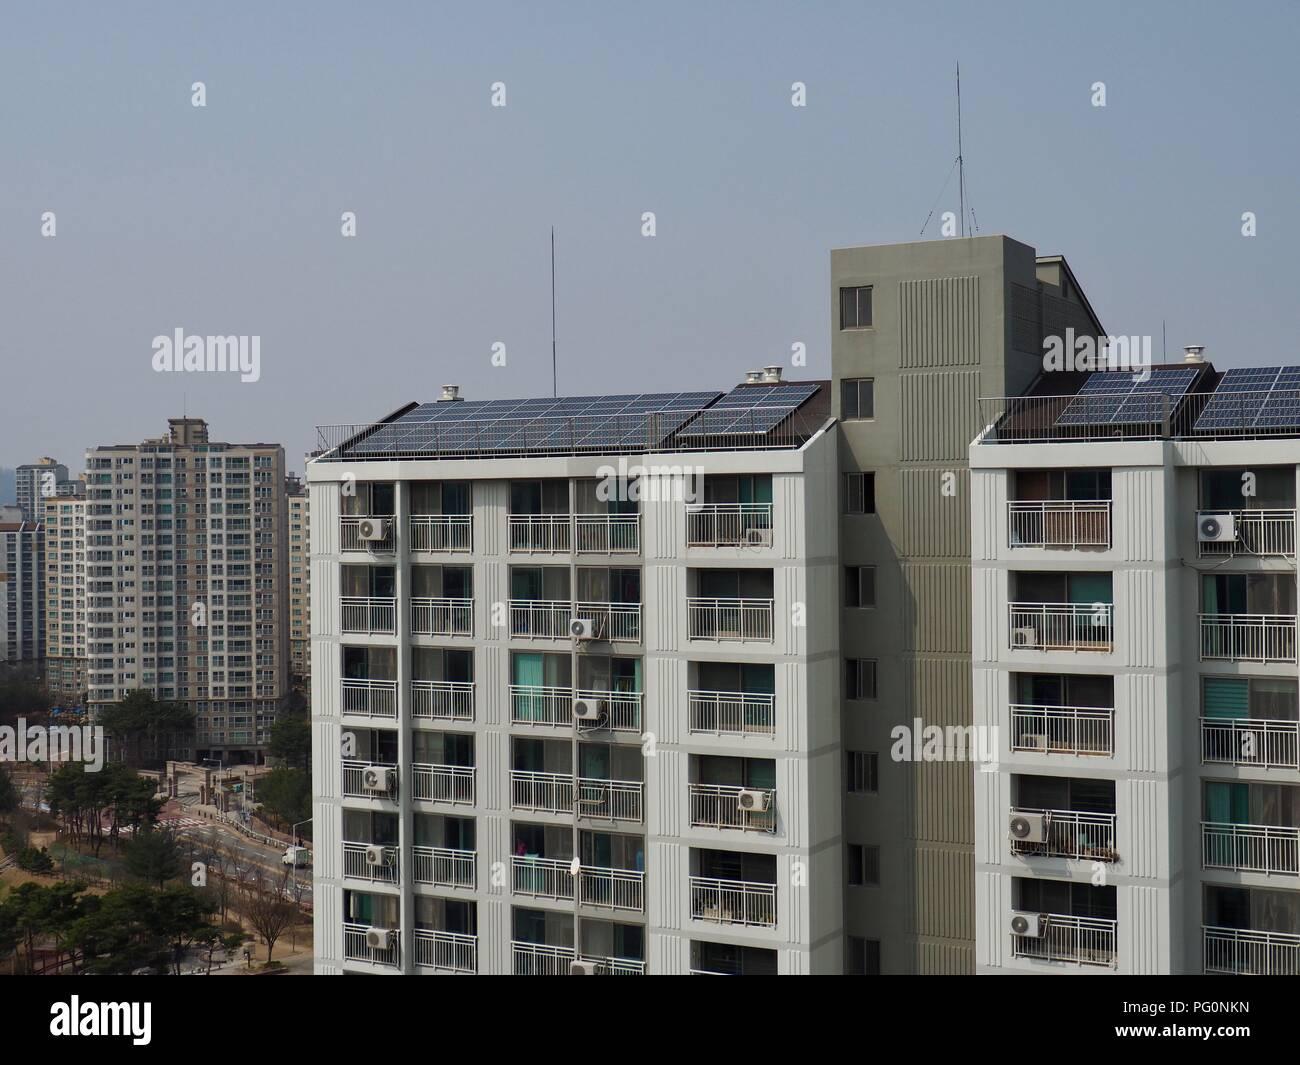 Apartamento en Corea del Sur con paneles solares Imagen De Stock